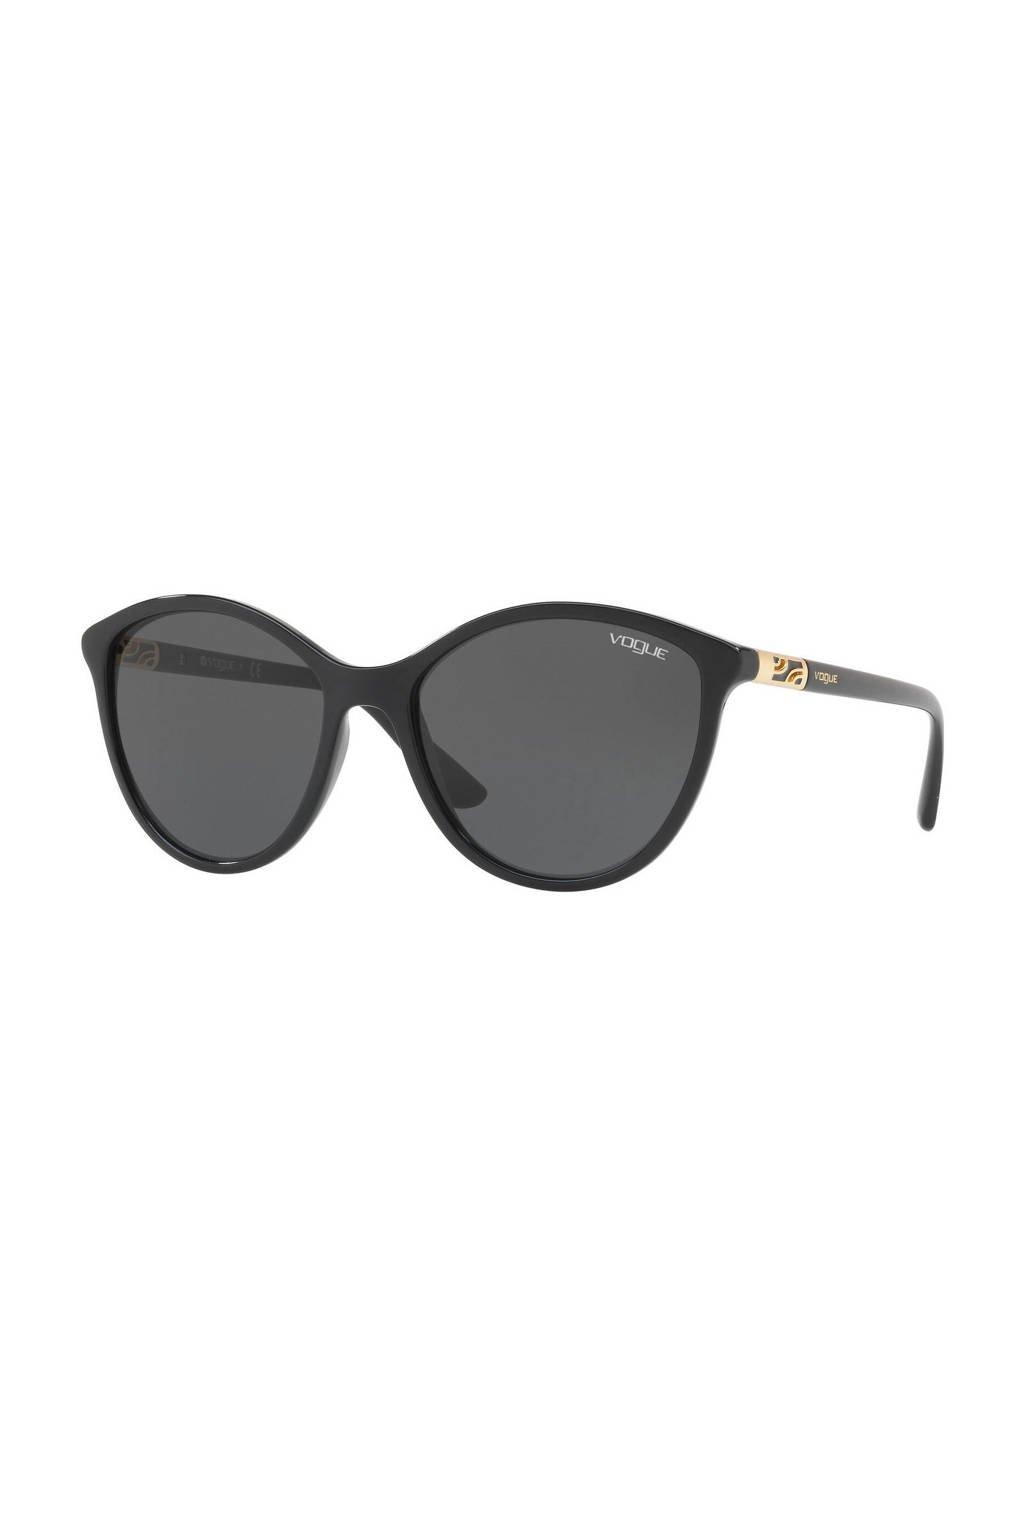 Vogue zonnebril 0VO5165S, Grijs